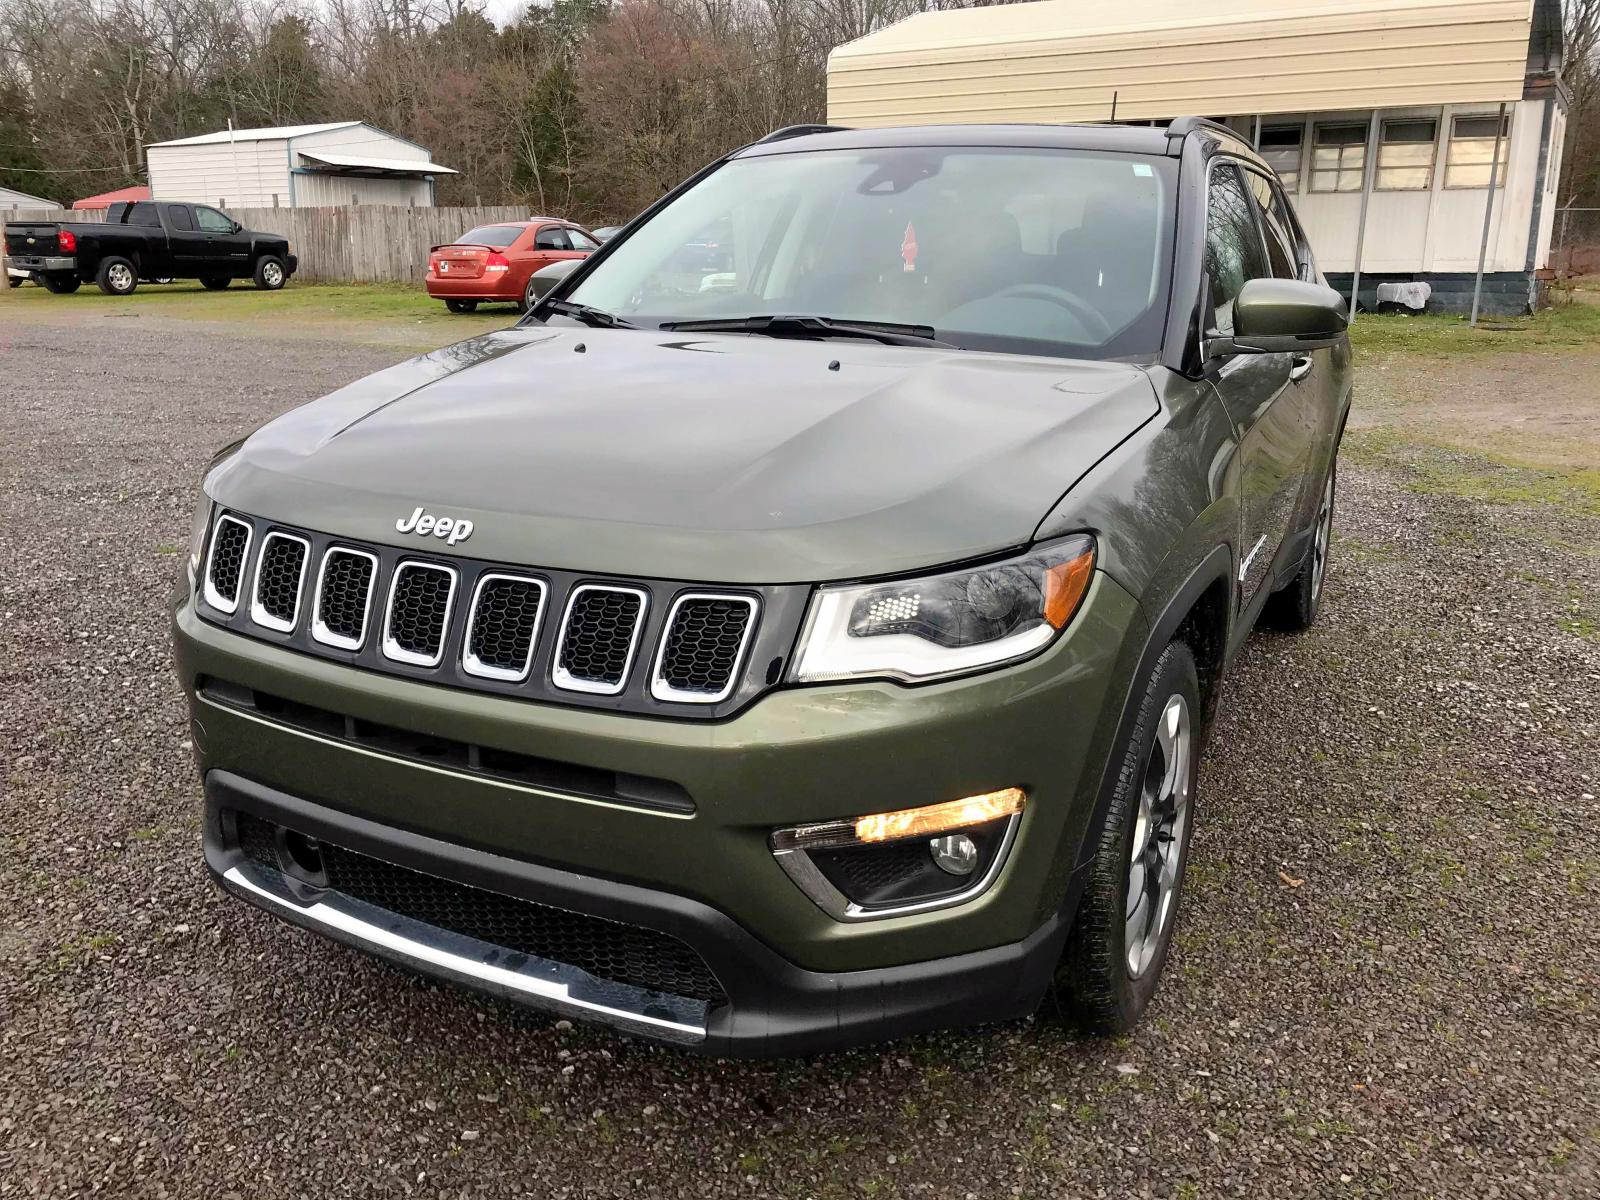 3C4NJCCB6JT240465 - 2018 Jeep Compass Li 2.4L Right View